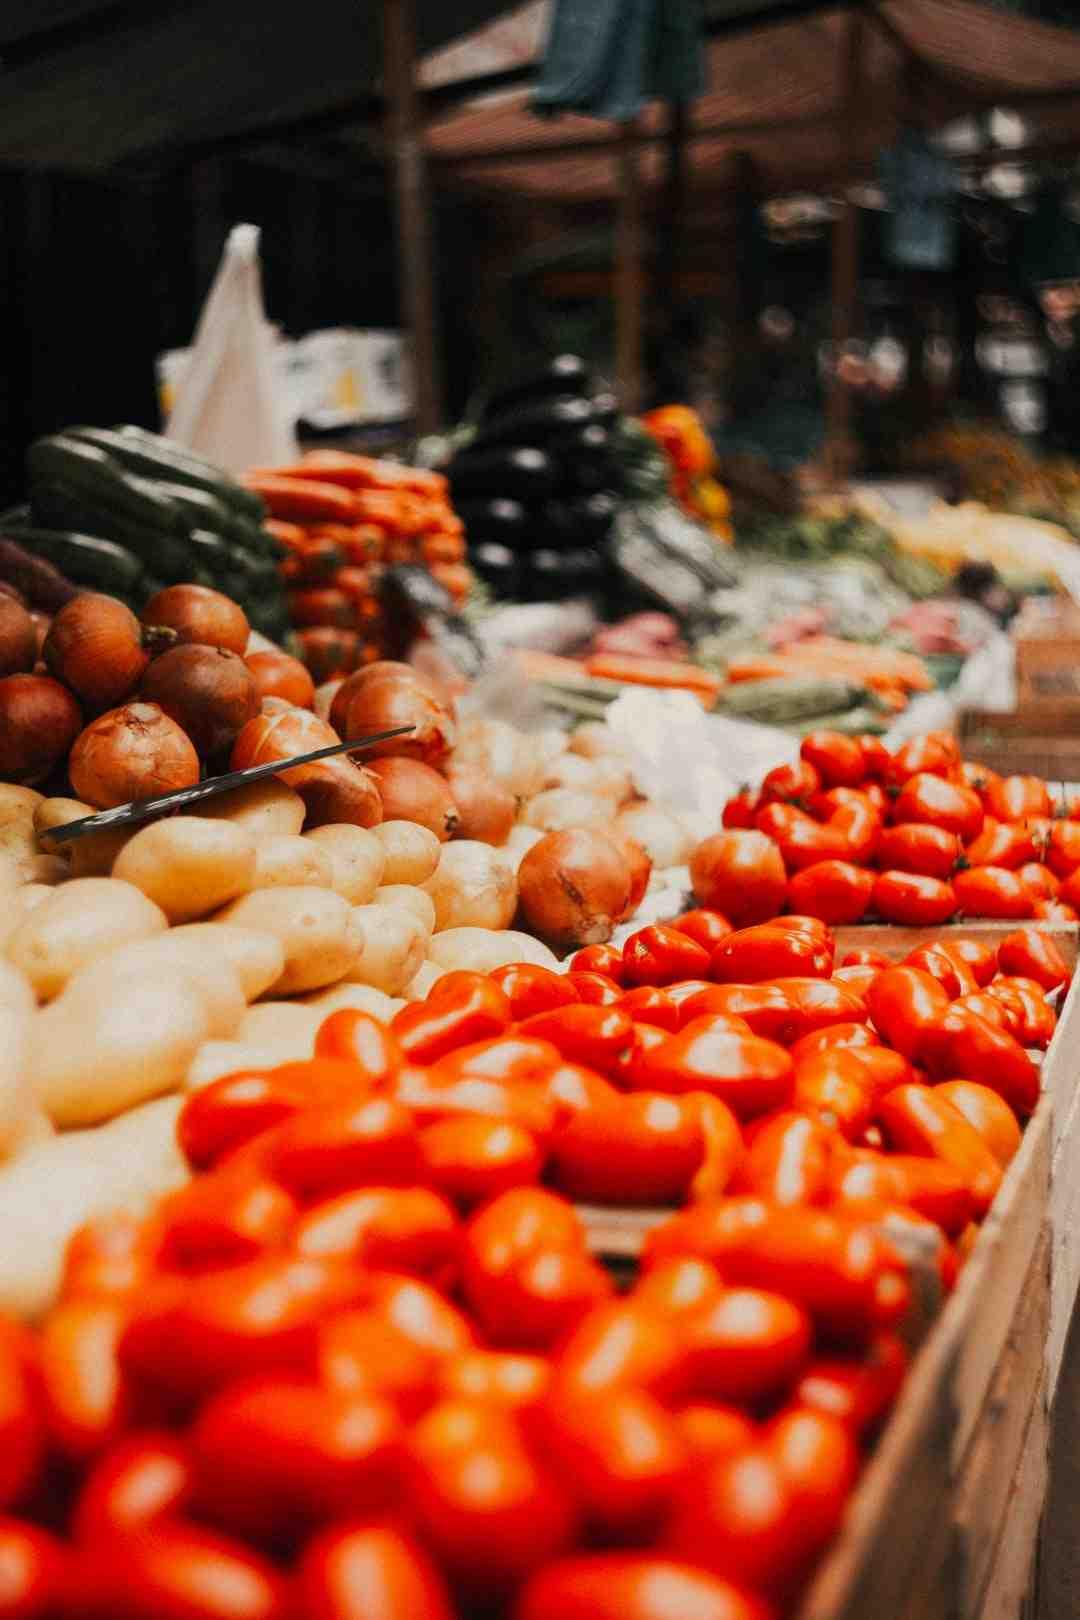 Comment manger de la confiture de tomates vertes?